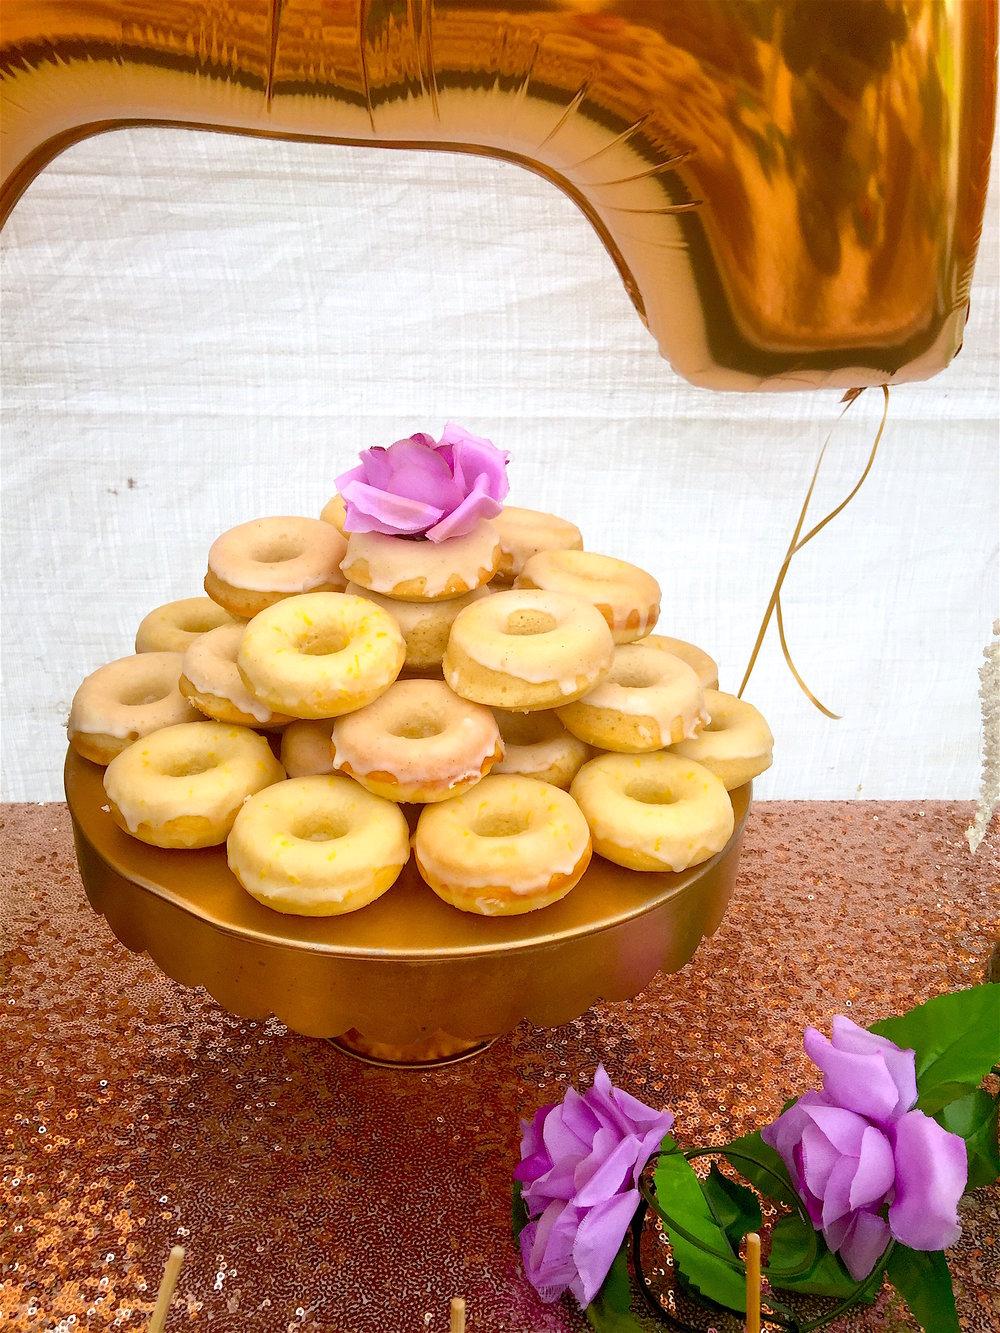 lemon & vanilla donuts with glaze